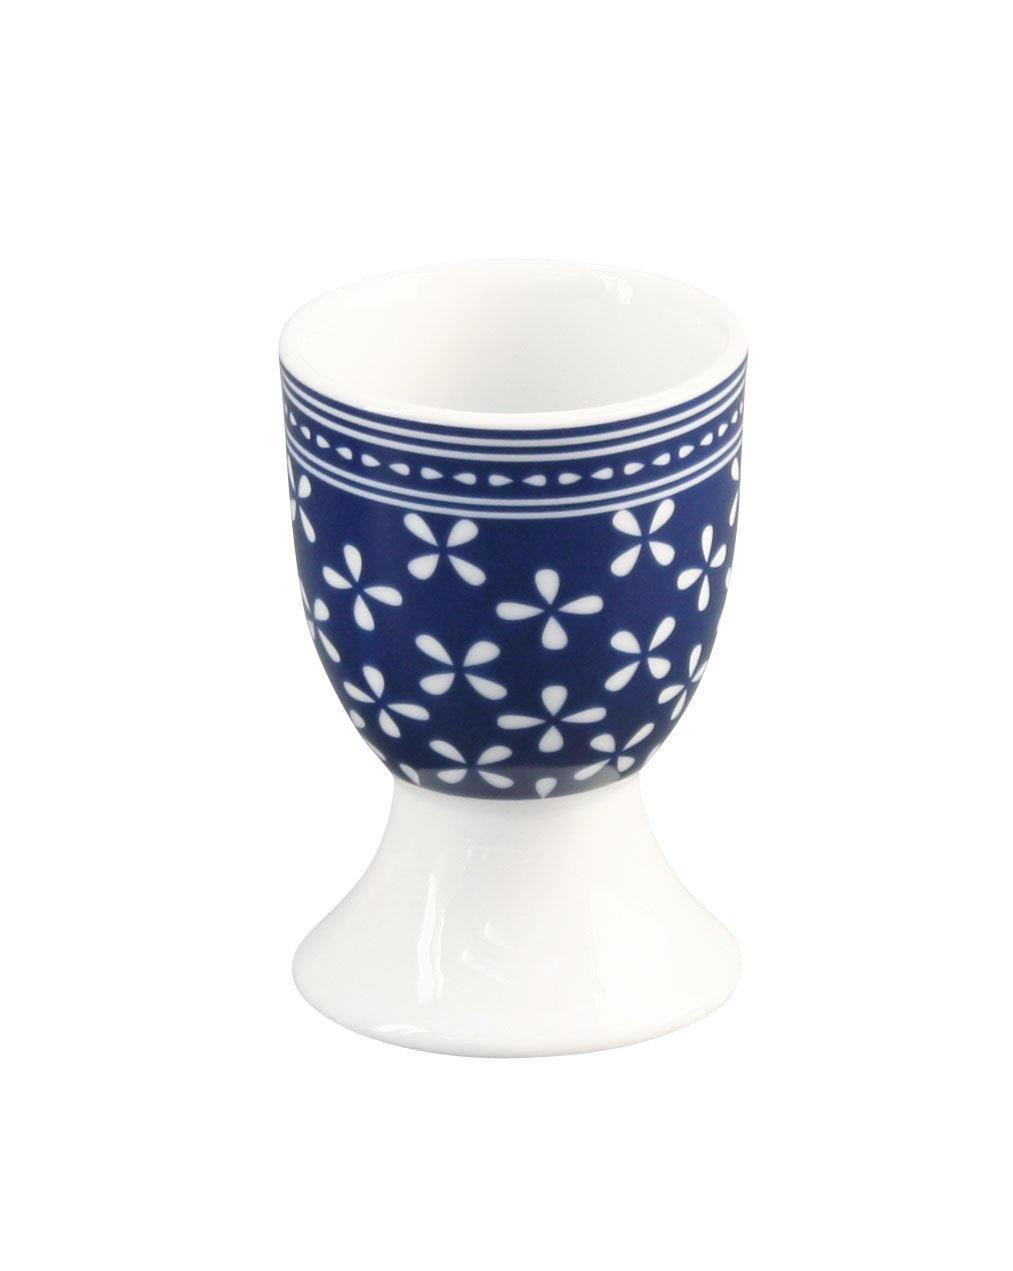 Krasilnikoff Stojánek na vajíčko Daisy Blue, modrá barva, porcelán